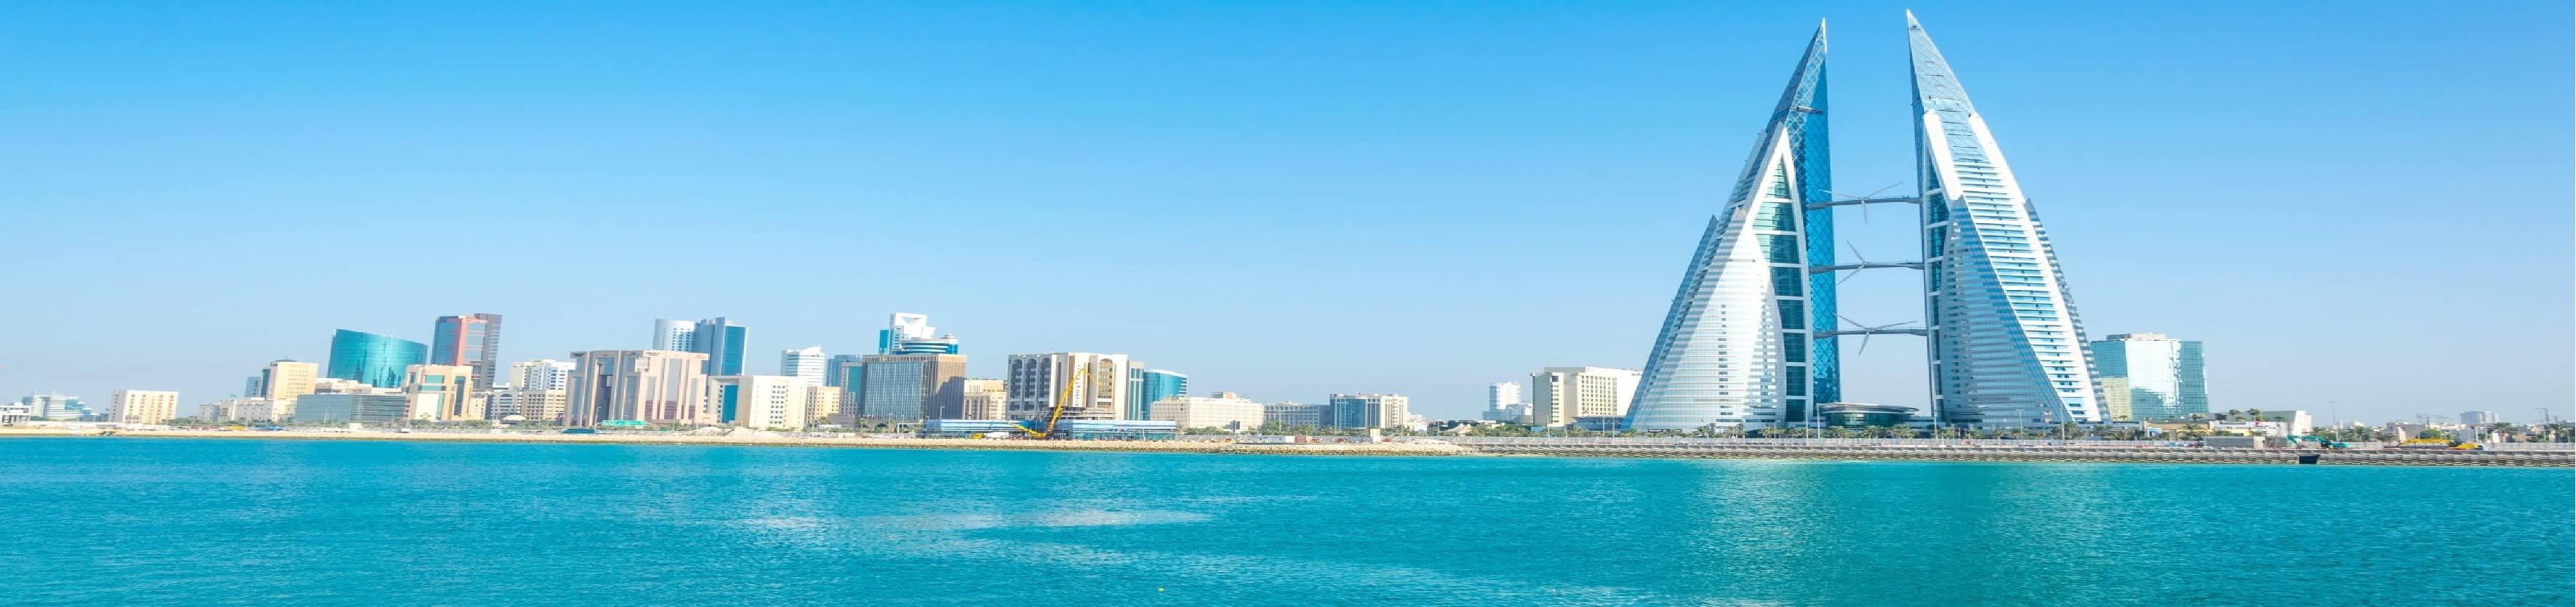 مدن البحرين: تعرف على أشهر وأهم المدن البحرينية